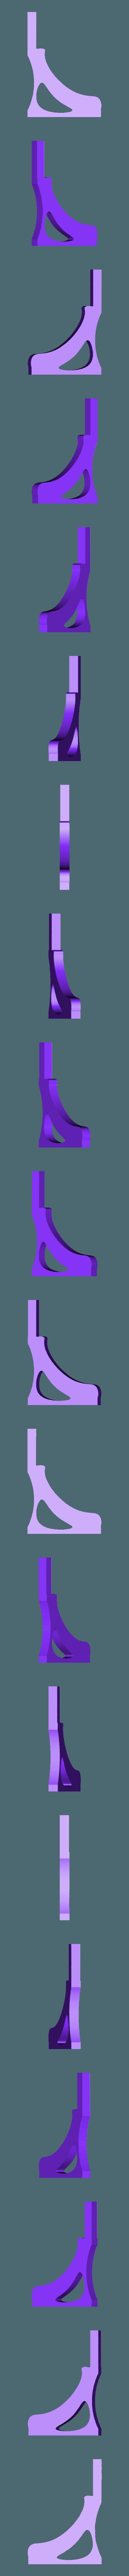 Leg_part_1234_curve_mk1.stl Télécharger fichier STL gratuit Jambes courbées mk1 pour les bols en spirale de la fille du père • Design pour impression 3D, JakG